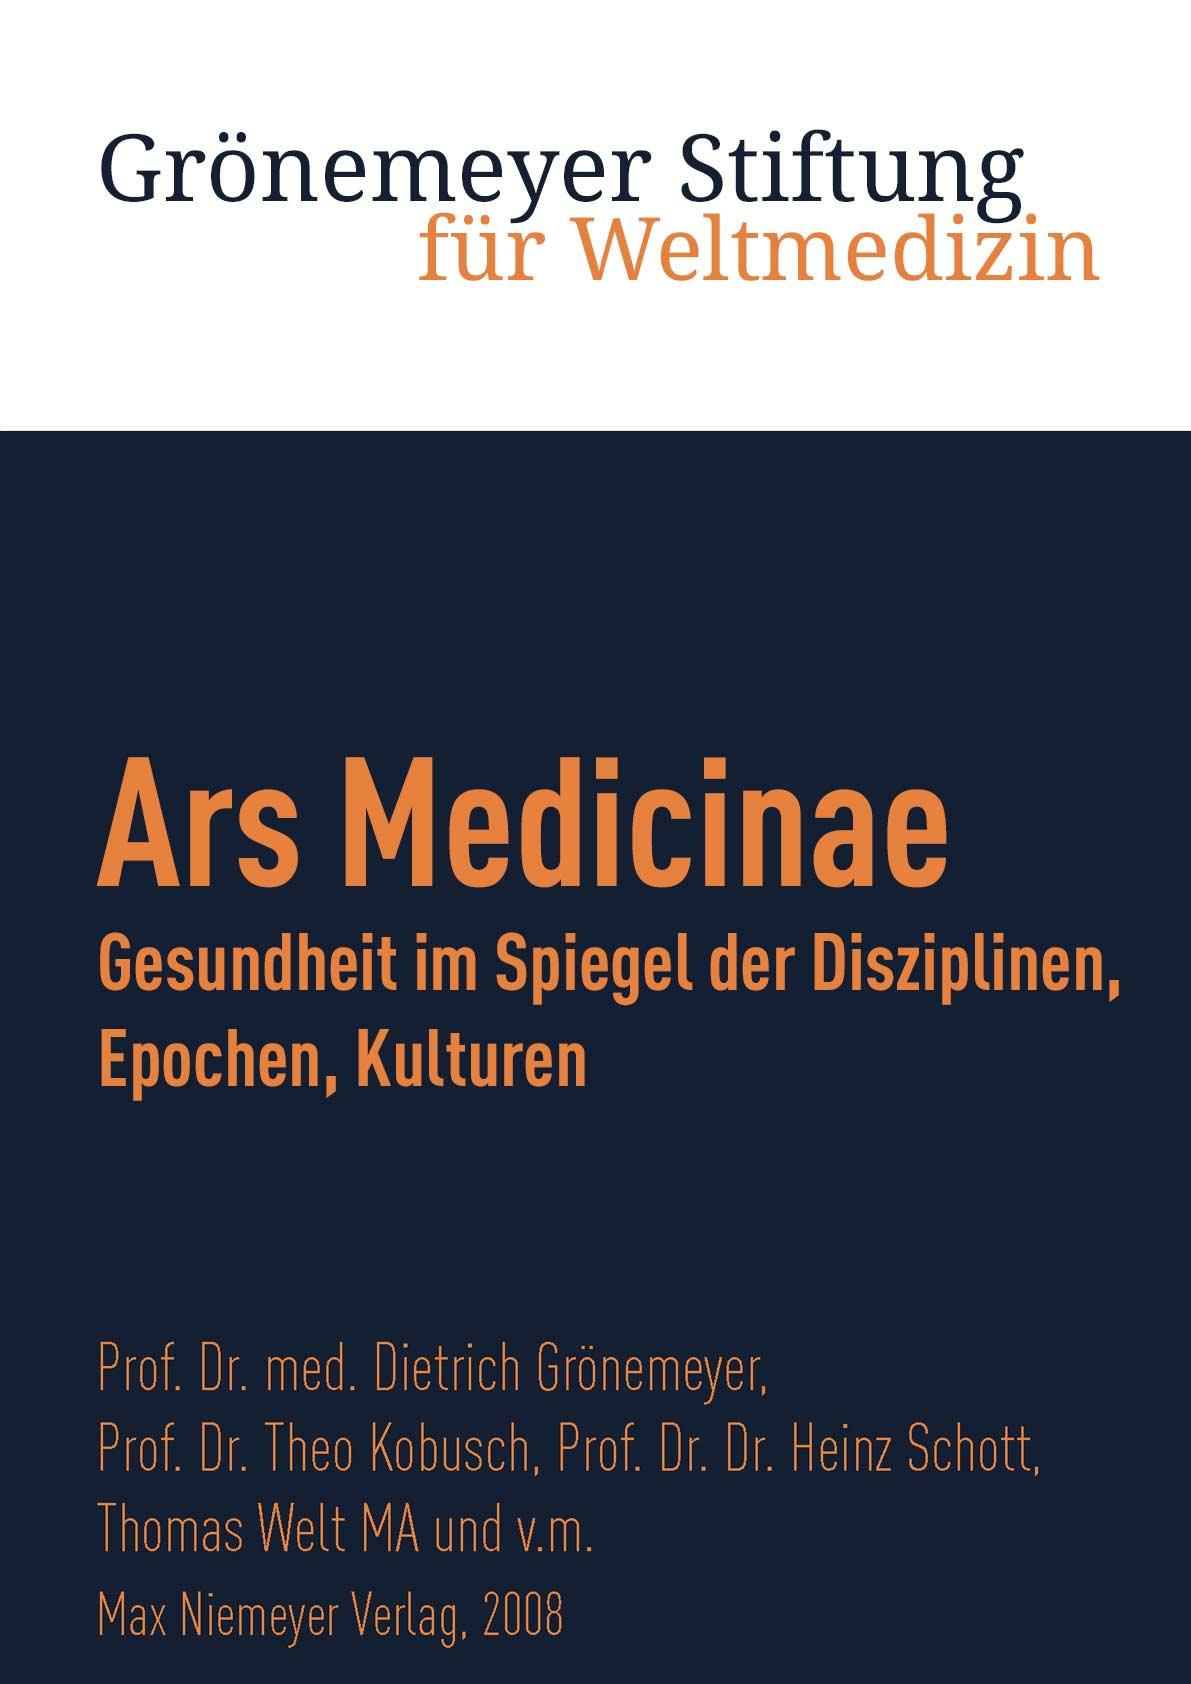 """""""Ars Medicinae - Gesundheit im Spiegel der Disziplinen, Epochen, Kulturen"""" aus: Max Niemeyer Verlag, 2008"""